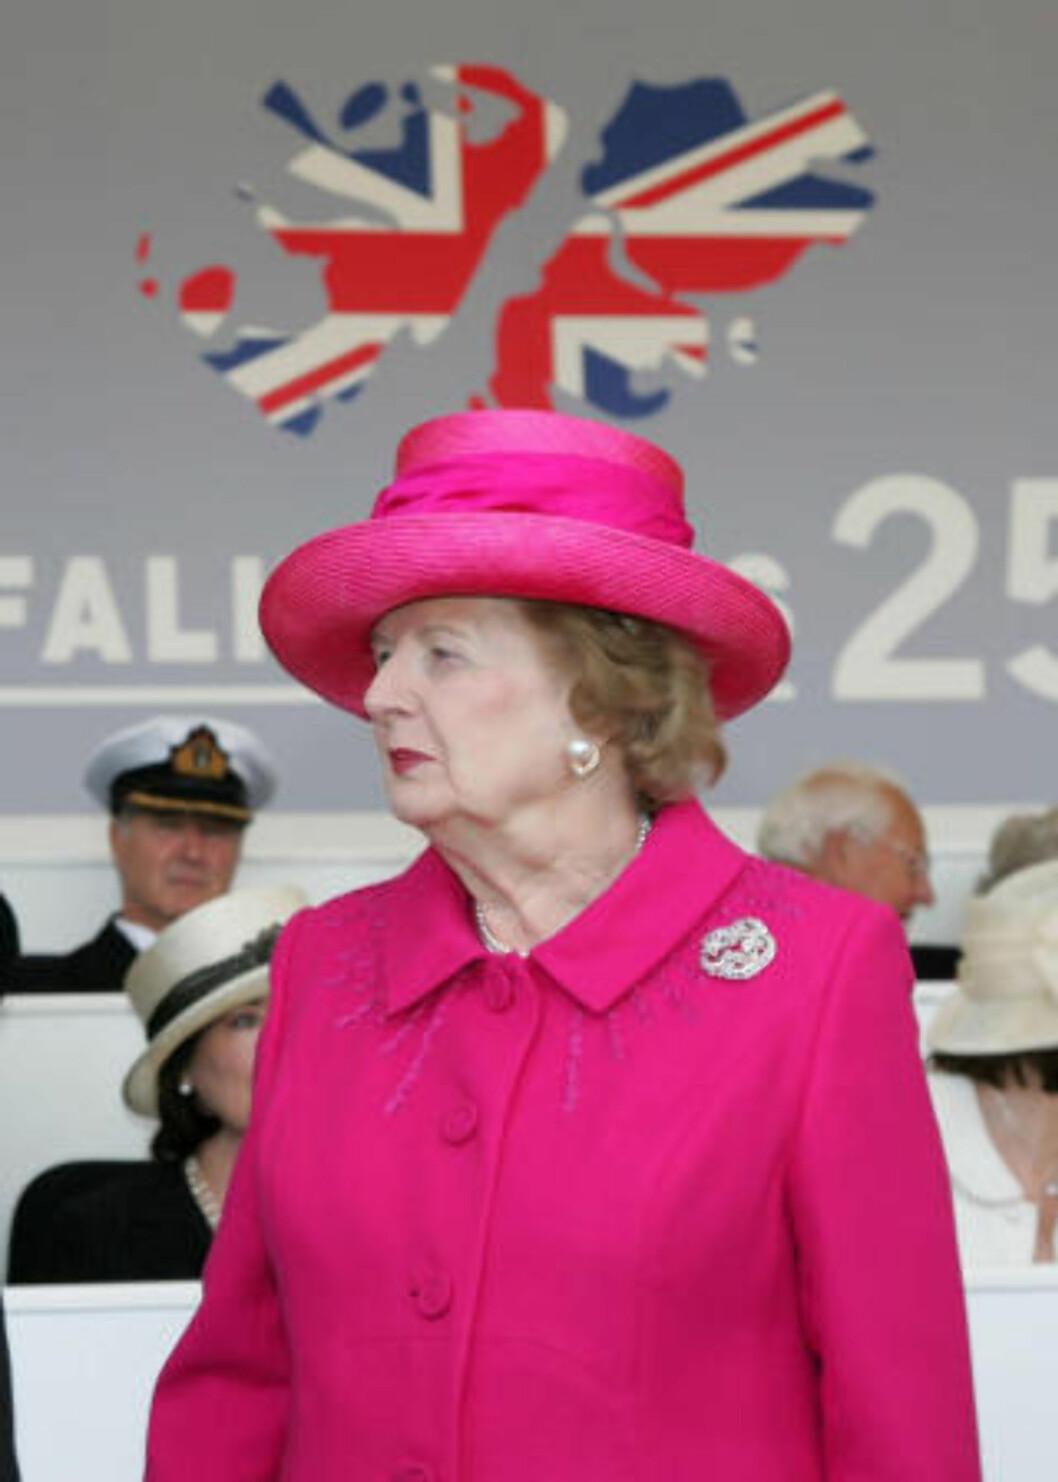 VAR ORIENTERT? Mann er åpen på at han og kuppbakmann Mark Thatcher var på ferie med Maggie Thatcher før kuppet. Foto: AP/Ian Jones/Scanpix